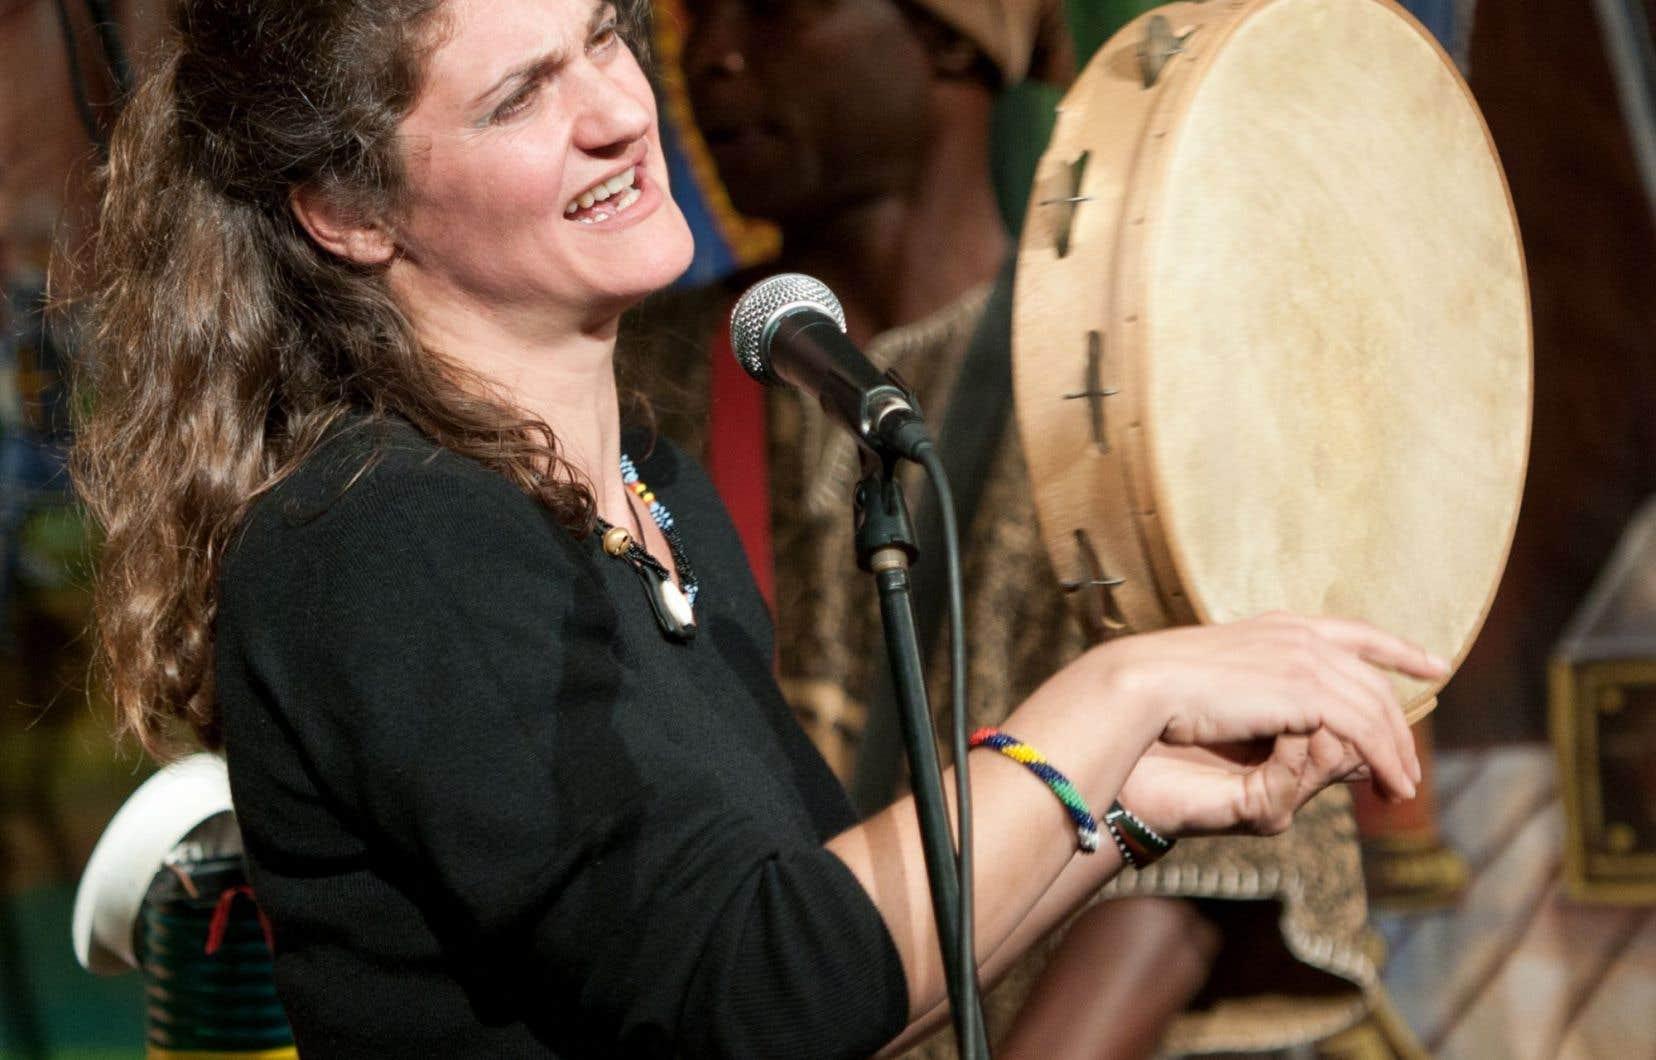 La chanteuse Matilde Politi interprète avec intensité et passion les chants populaires et folkloriques de la Sicile.